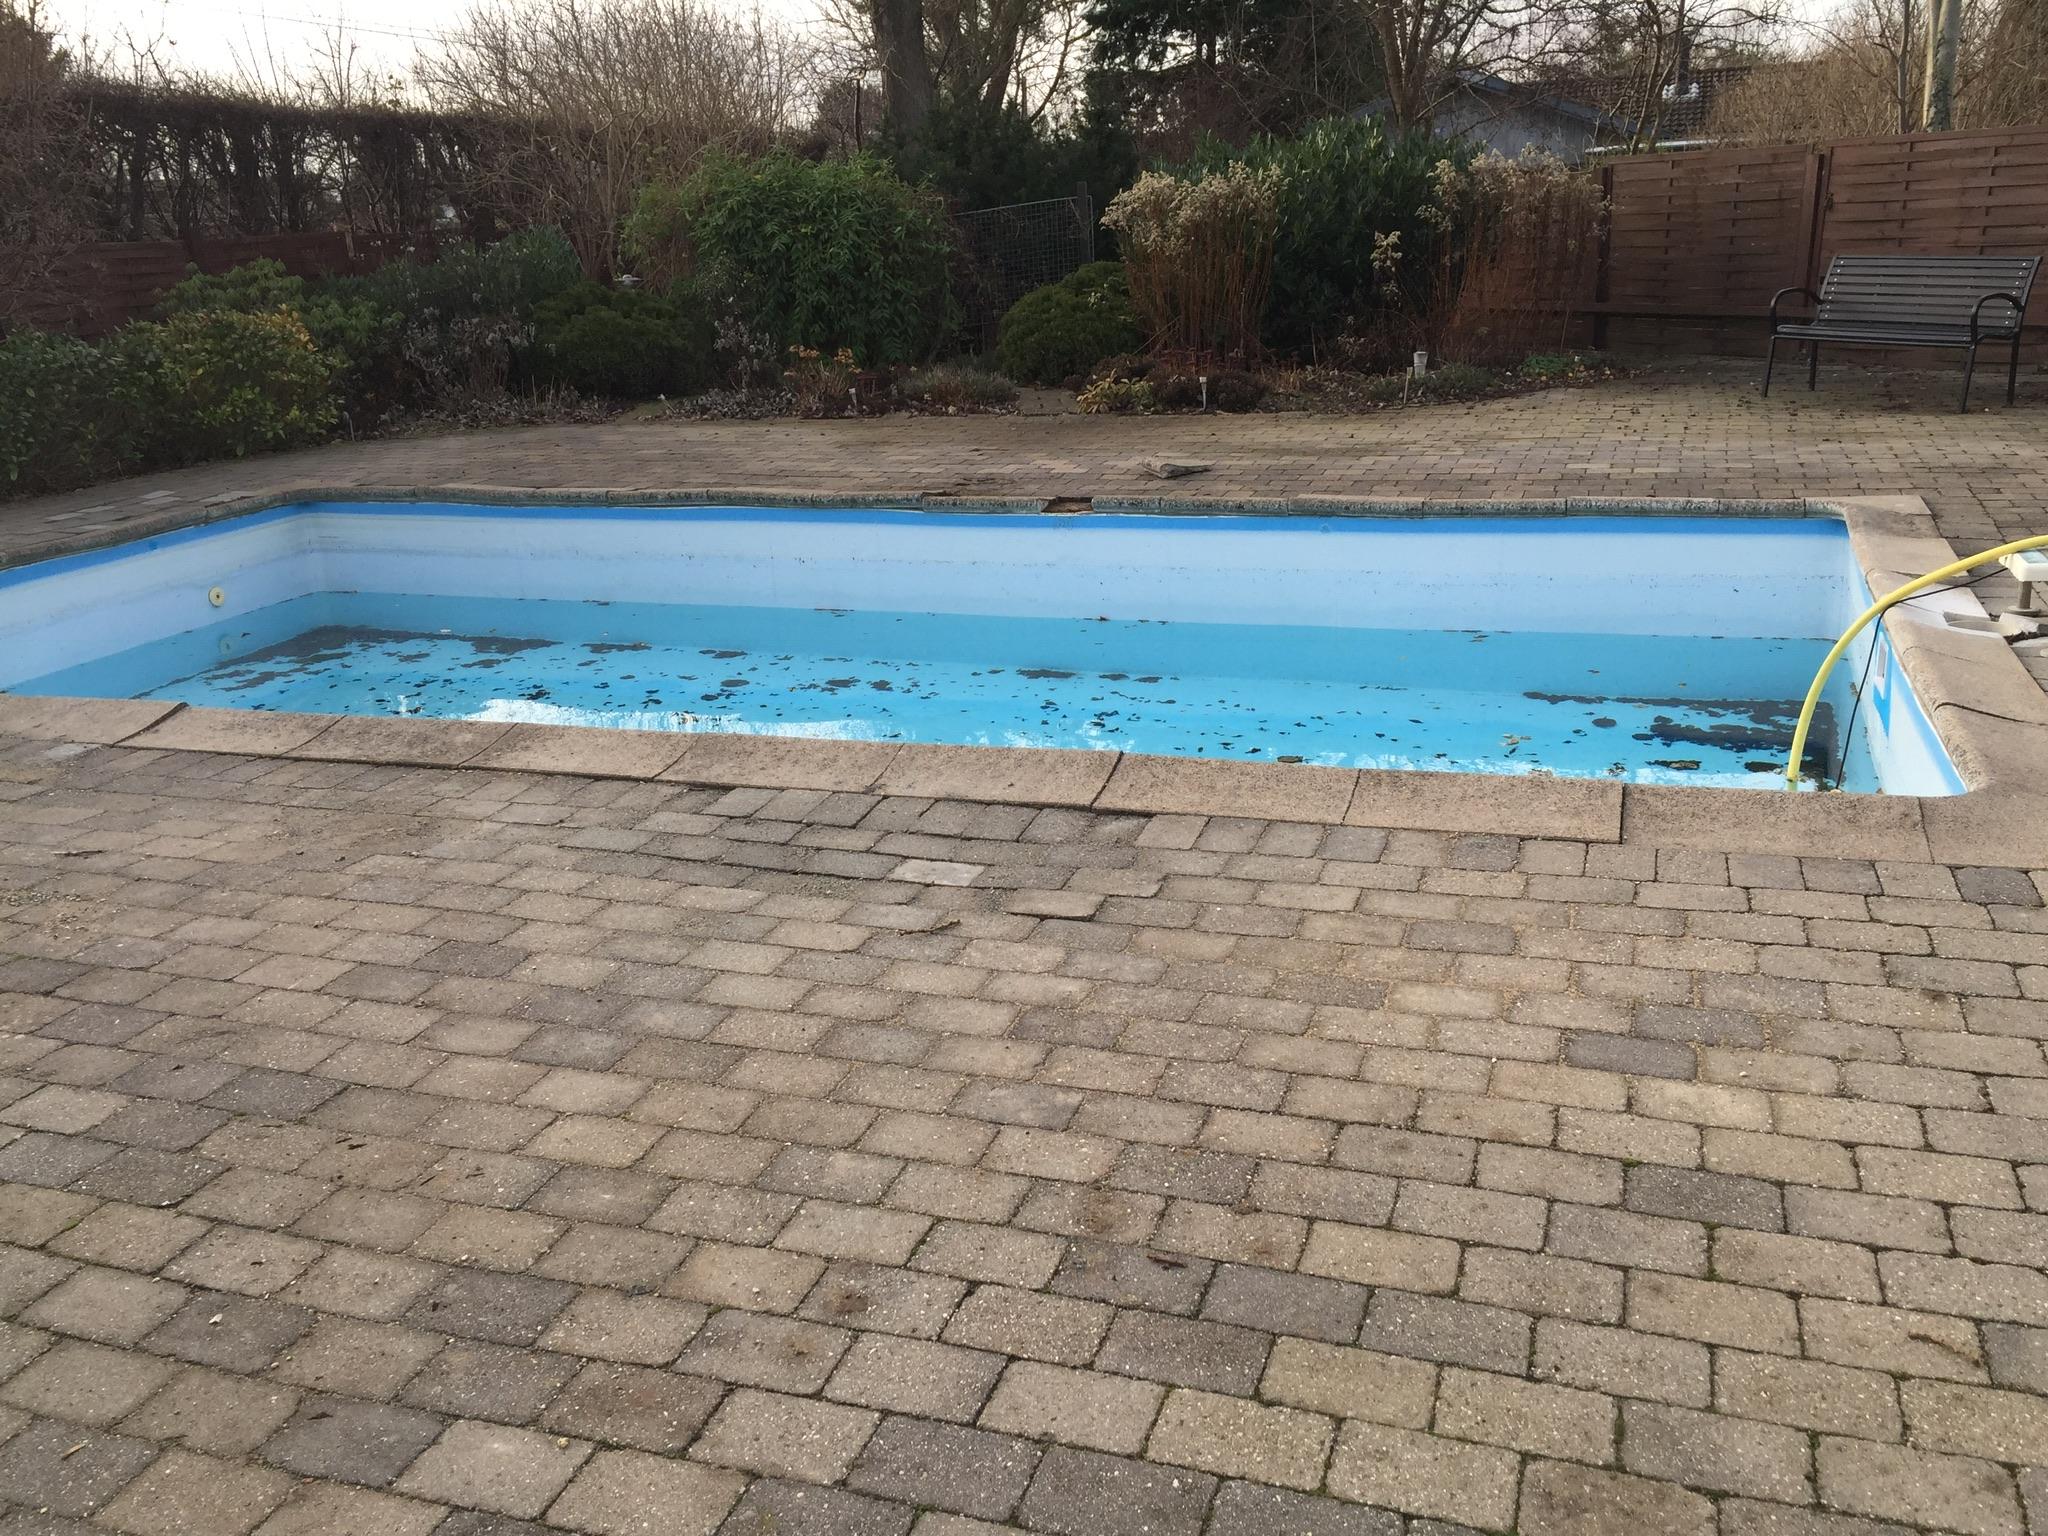 Billeder swimmingpool 002.jpg